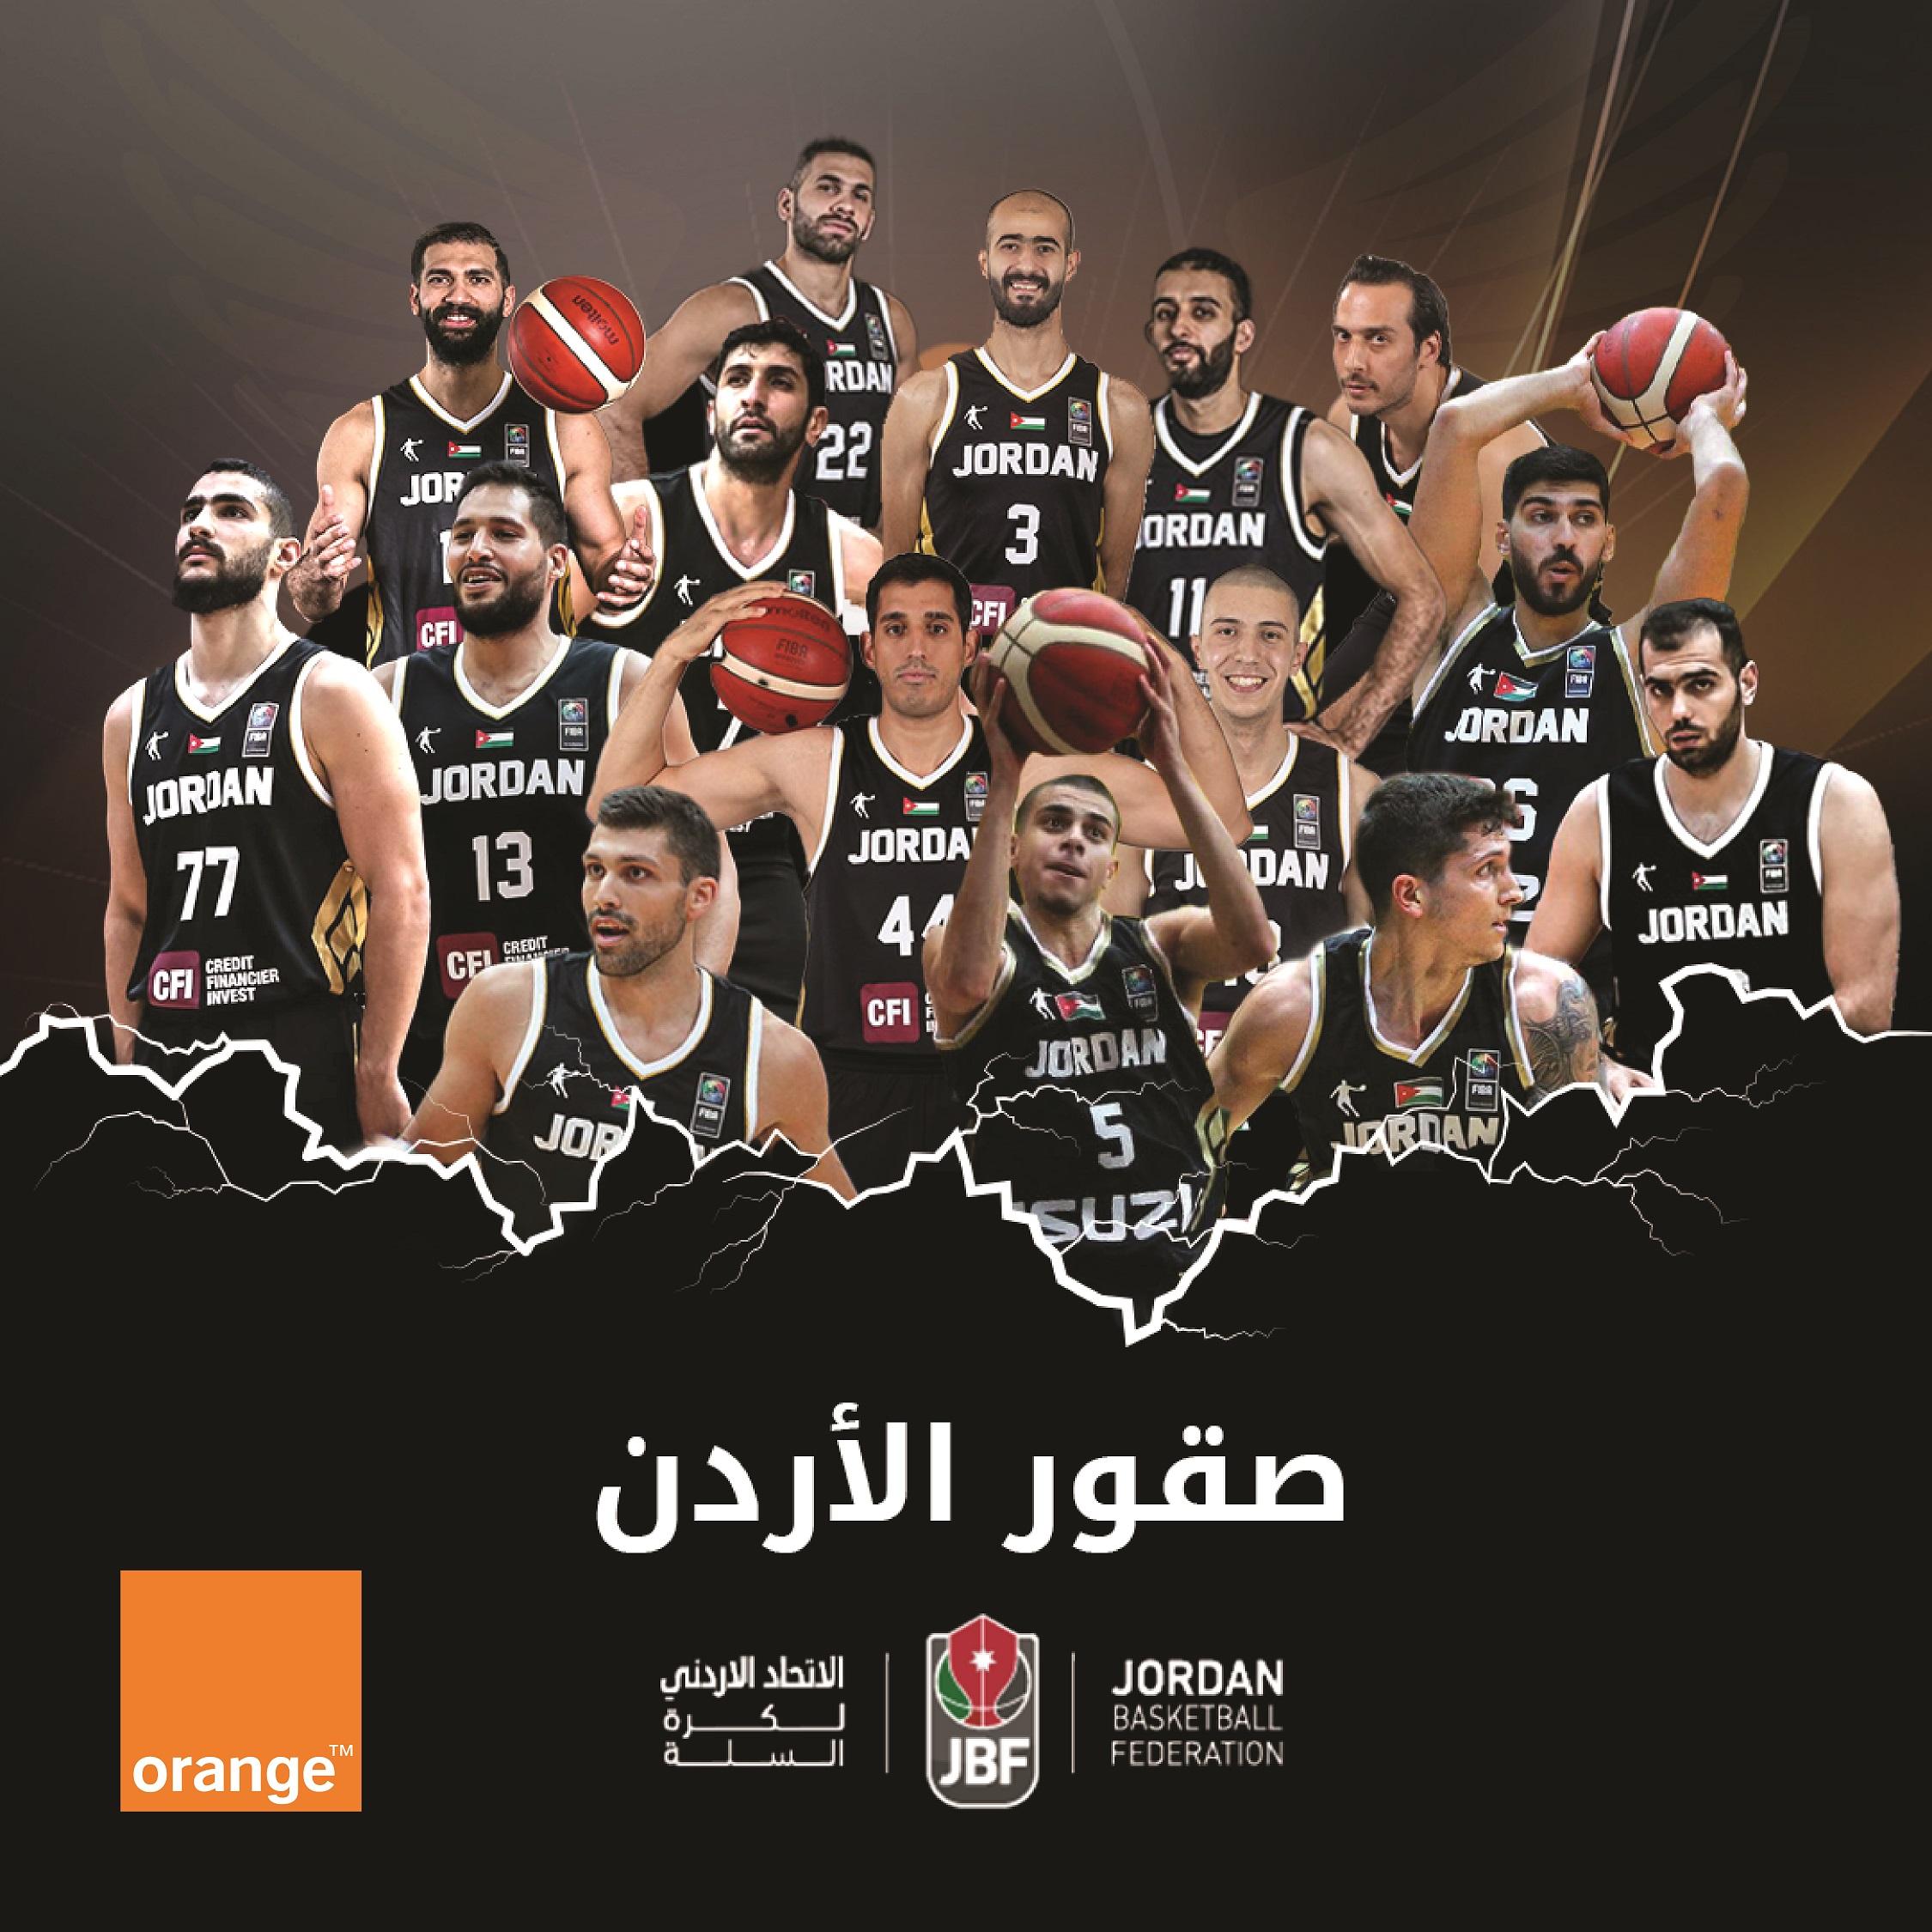 """أورنج الأردن: """"فخورون بتأهل المنتخب الوطني لكرة السلة لنهائيات آسيا"""""""